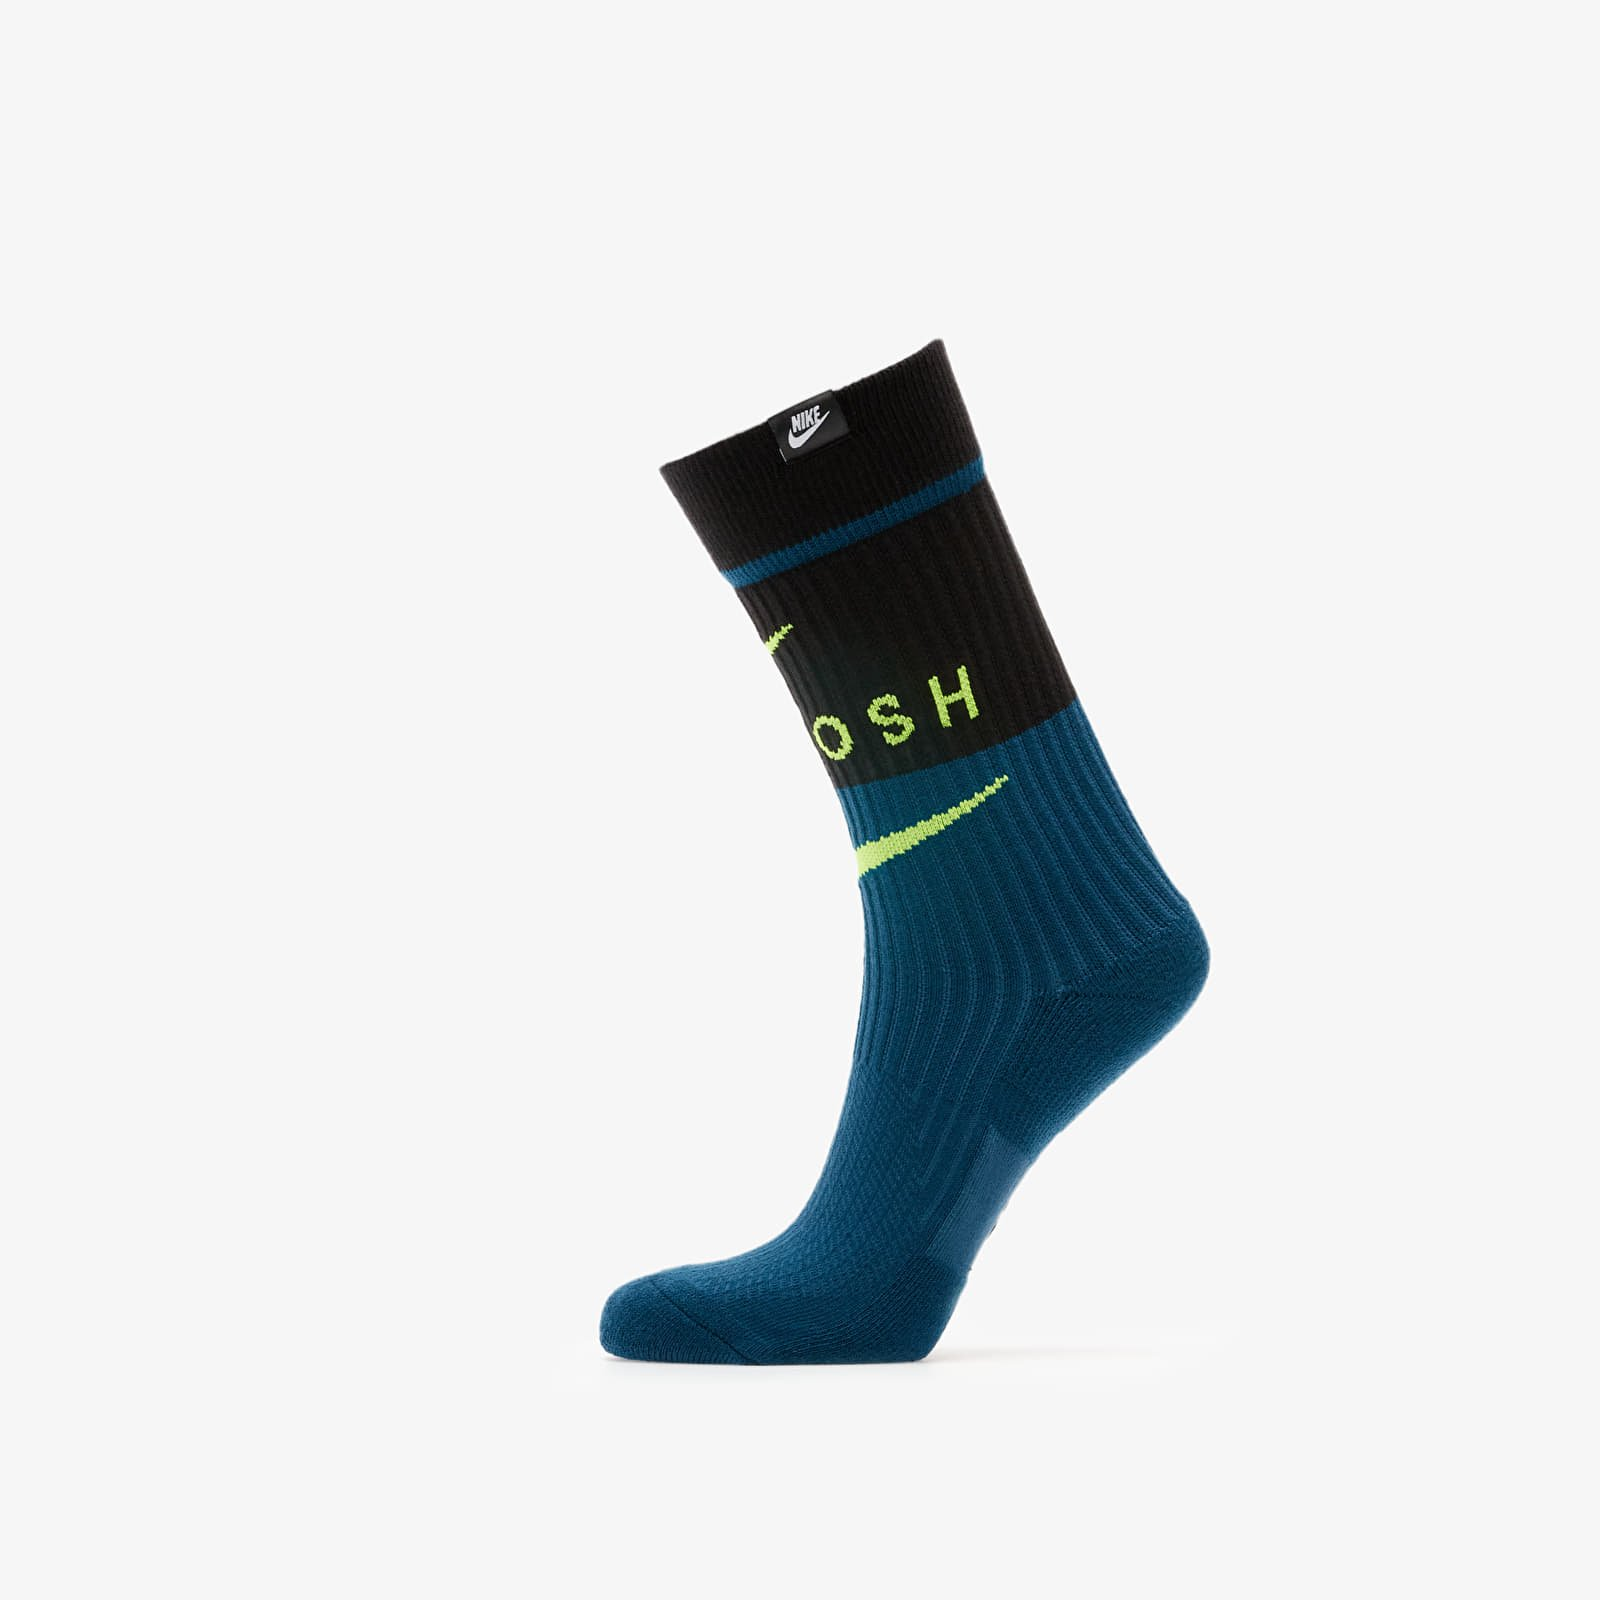 Socks Nike Sneaker Sox 2 Pair - Swoosh Crew Socks Multi-Color